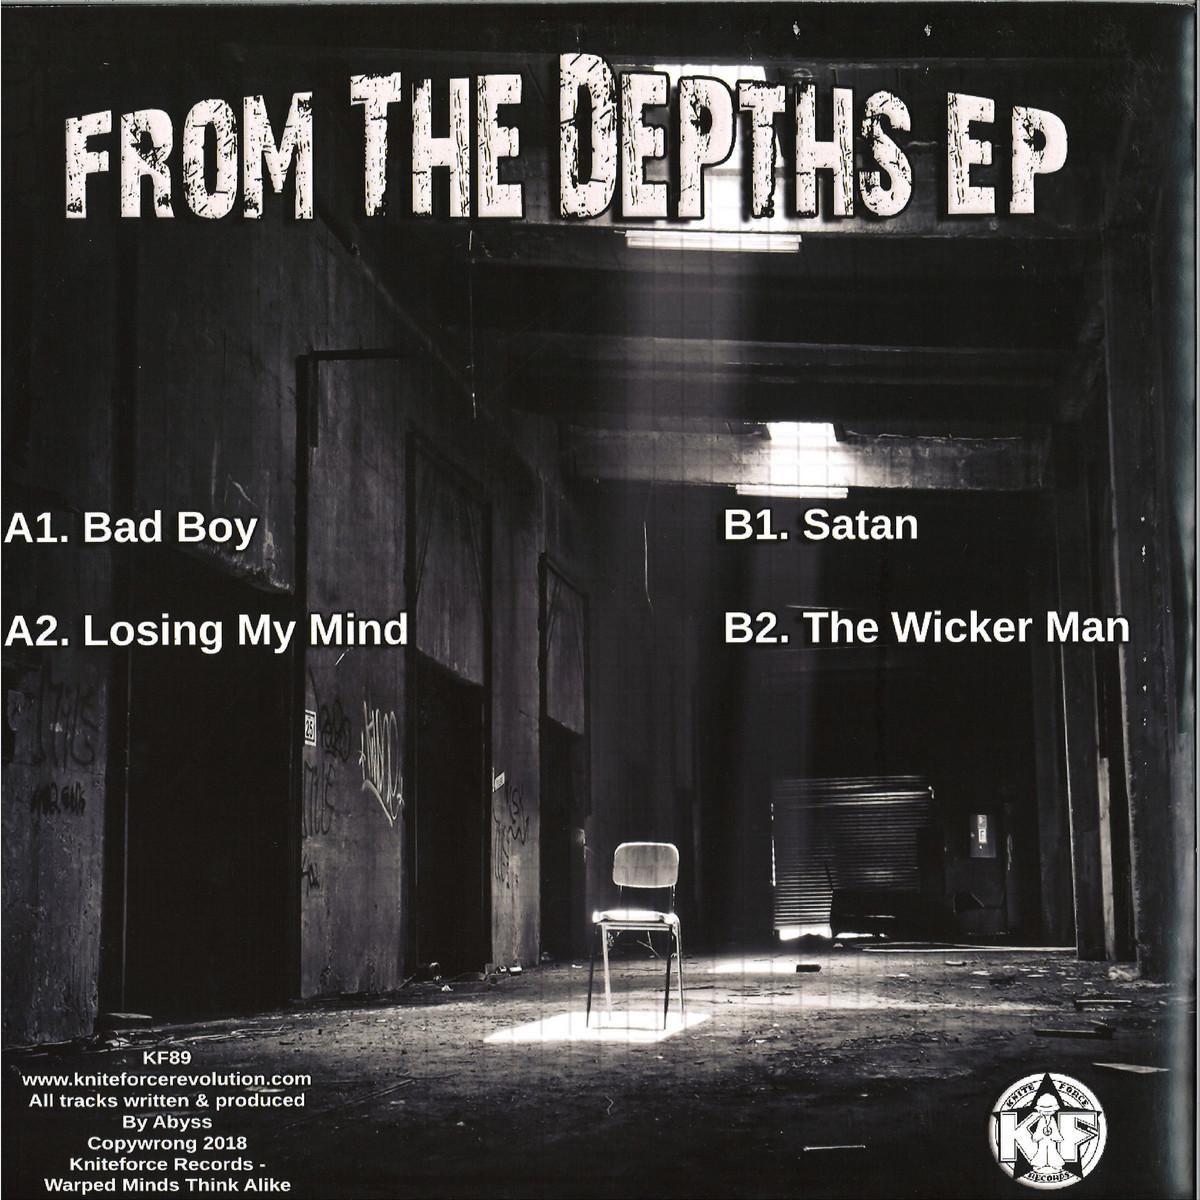 deejay de - Kniteforce Records